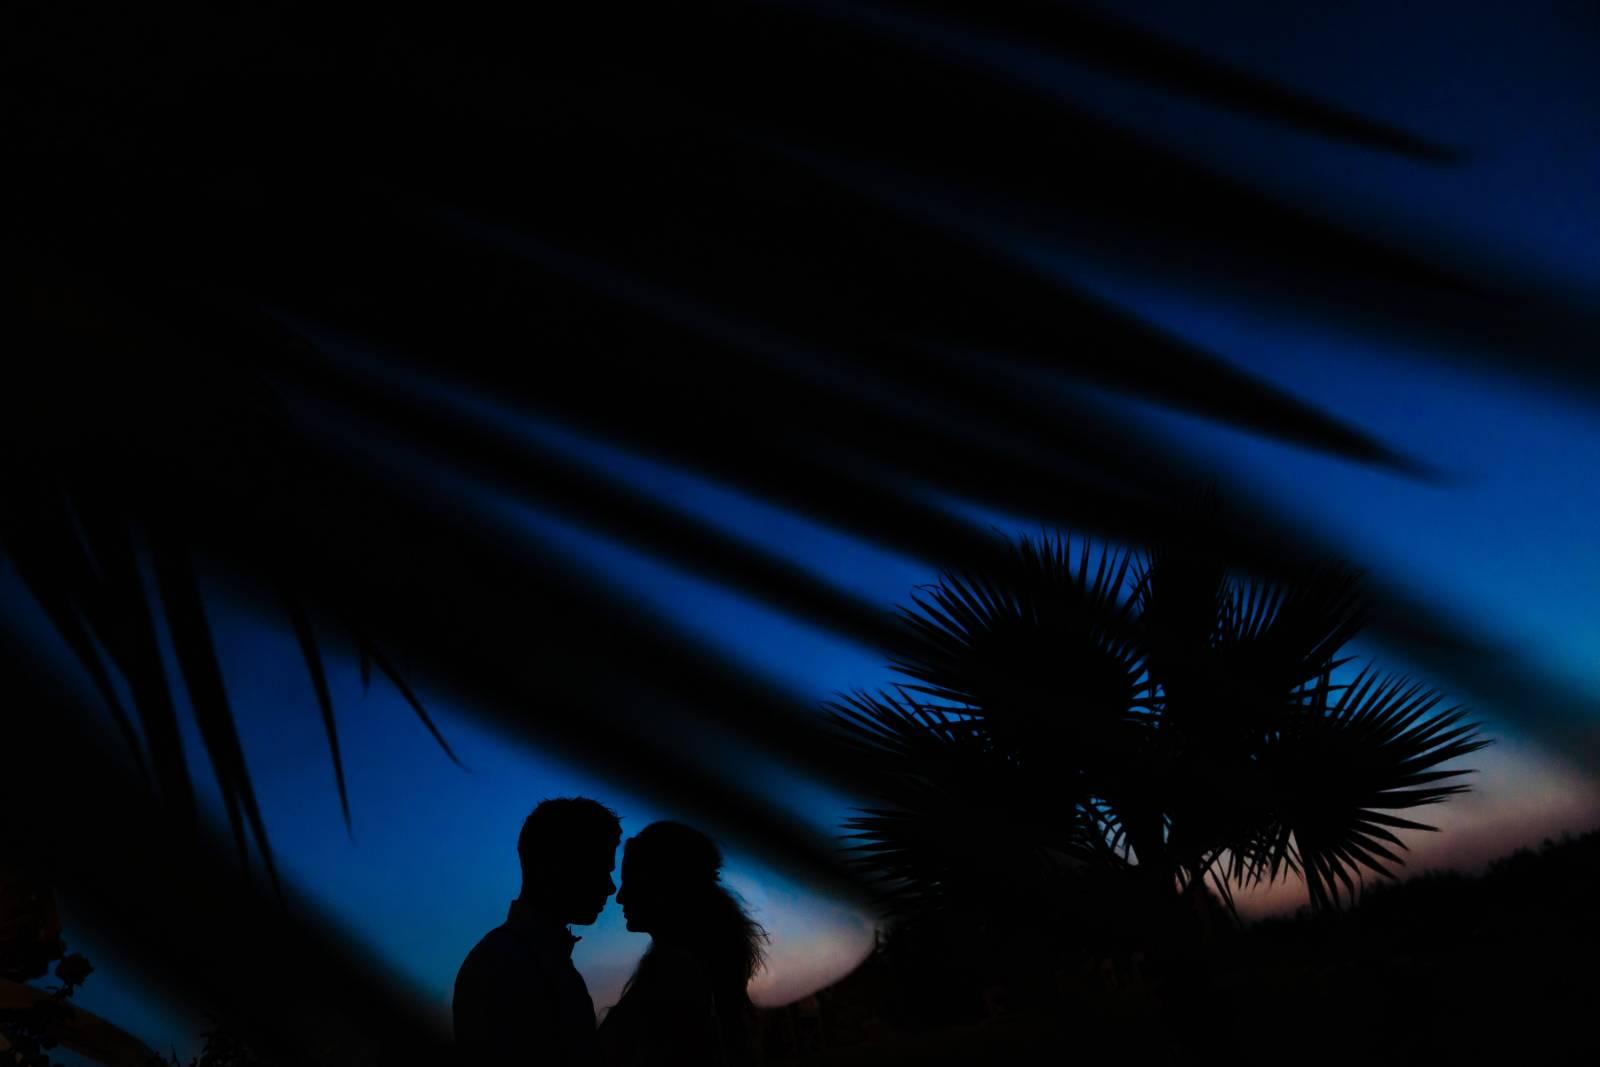 Yves Schepers Photography - Fotograaf - Huwelijksfotograaf - Trouwfotograaf - Bruidsfotograaf - House of Weddings - 10